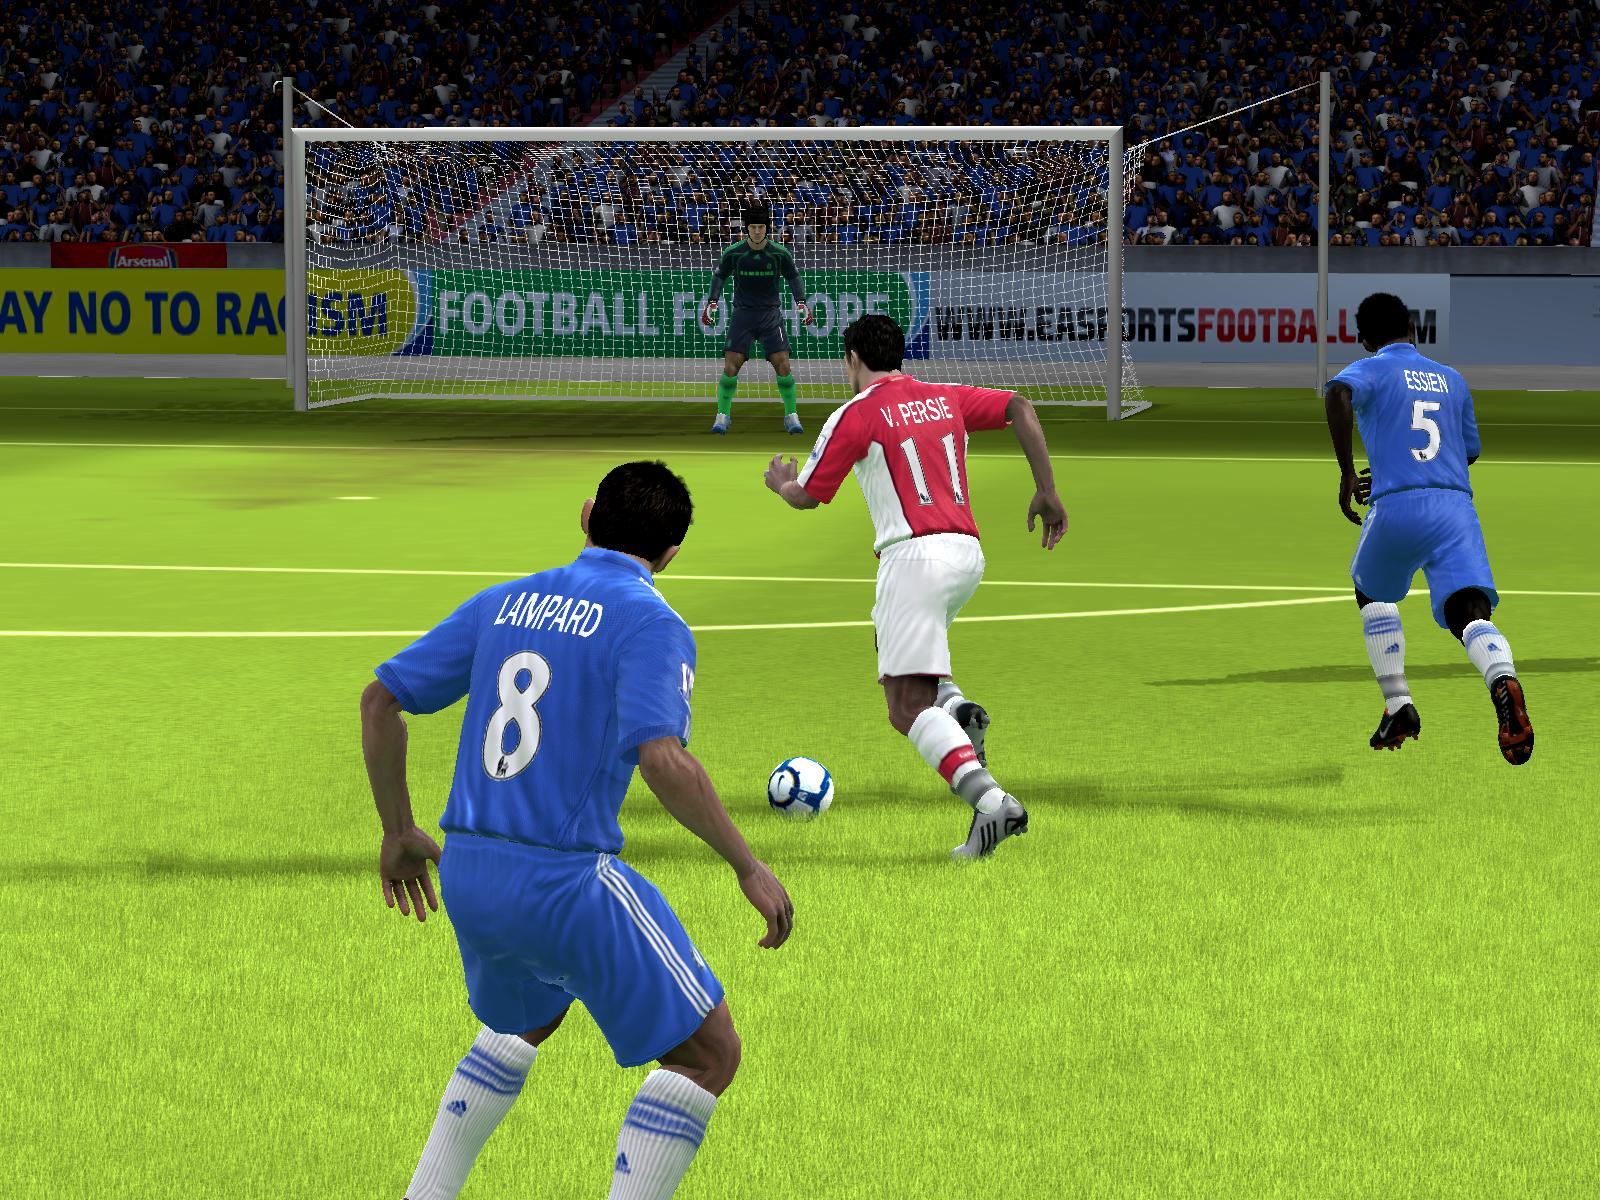 football_games_com_83573_1600_1200